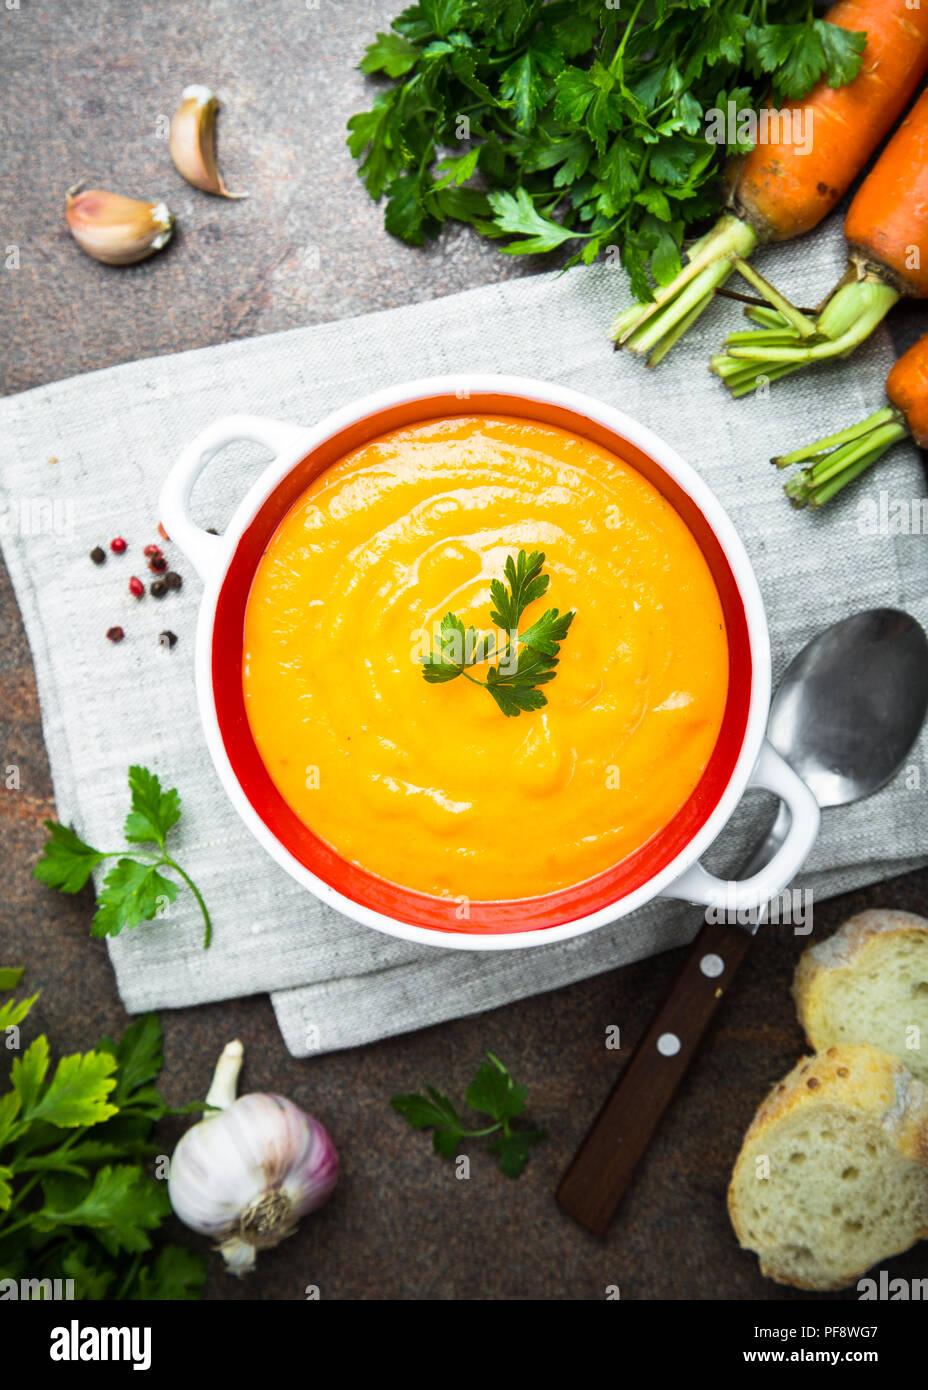 Sopa crema de zanahoria en mesa de piedra oscura. Vegetariana sopa de verduras. Vista desde arriba. Vertical. Imagen De Stock